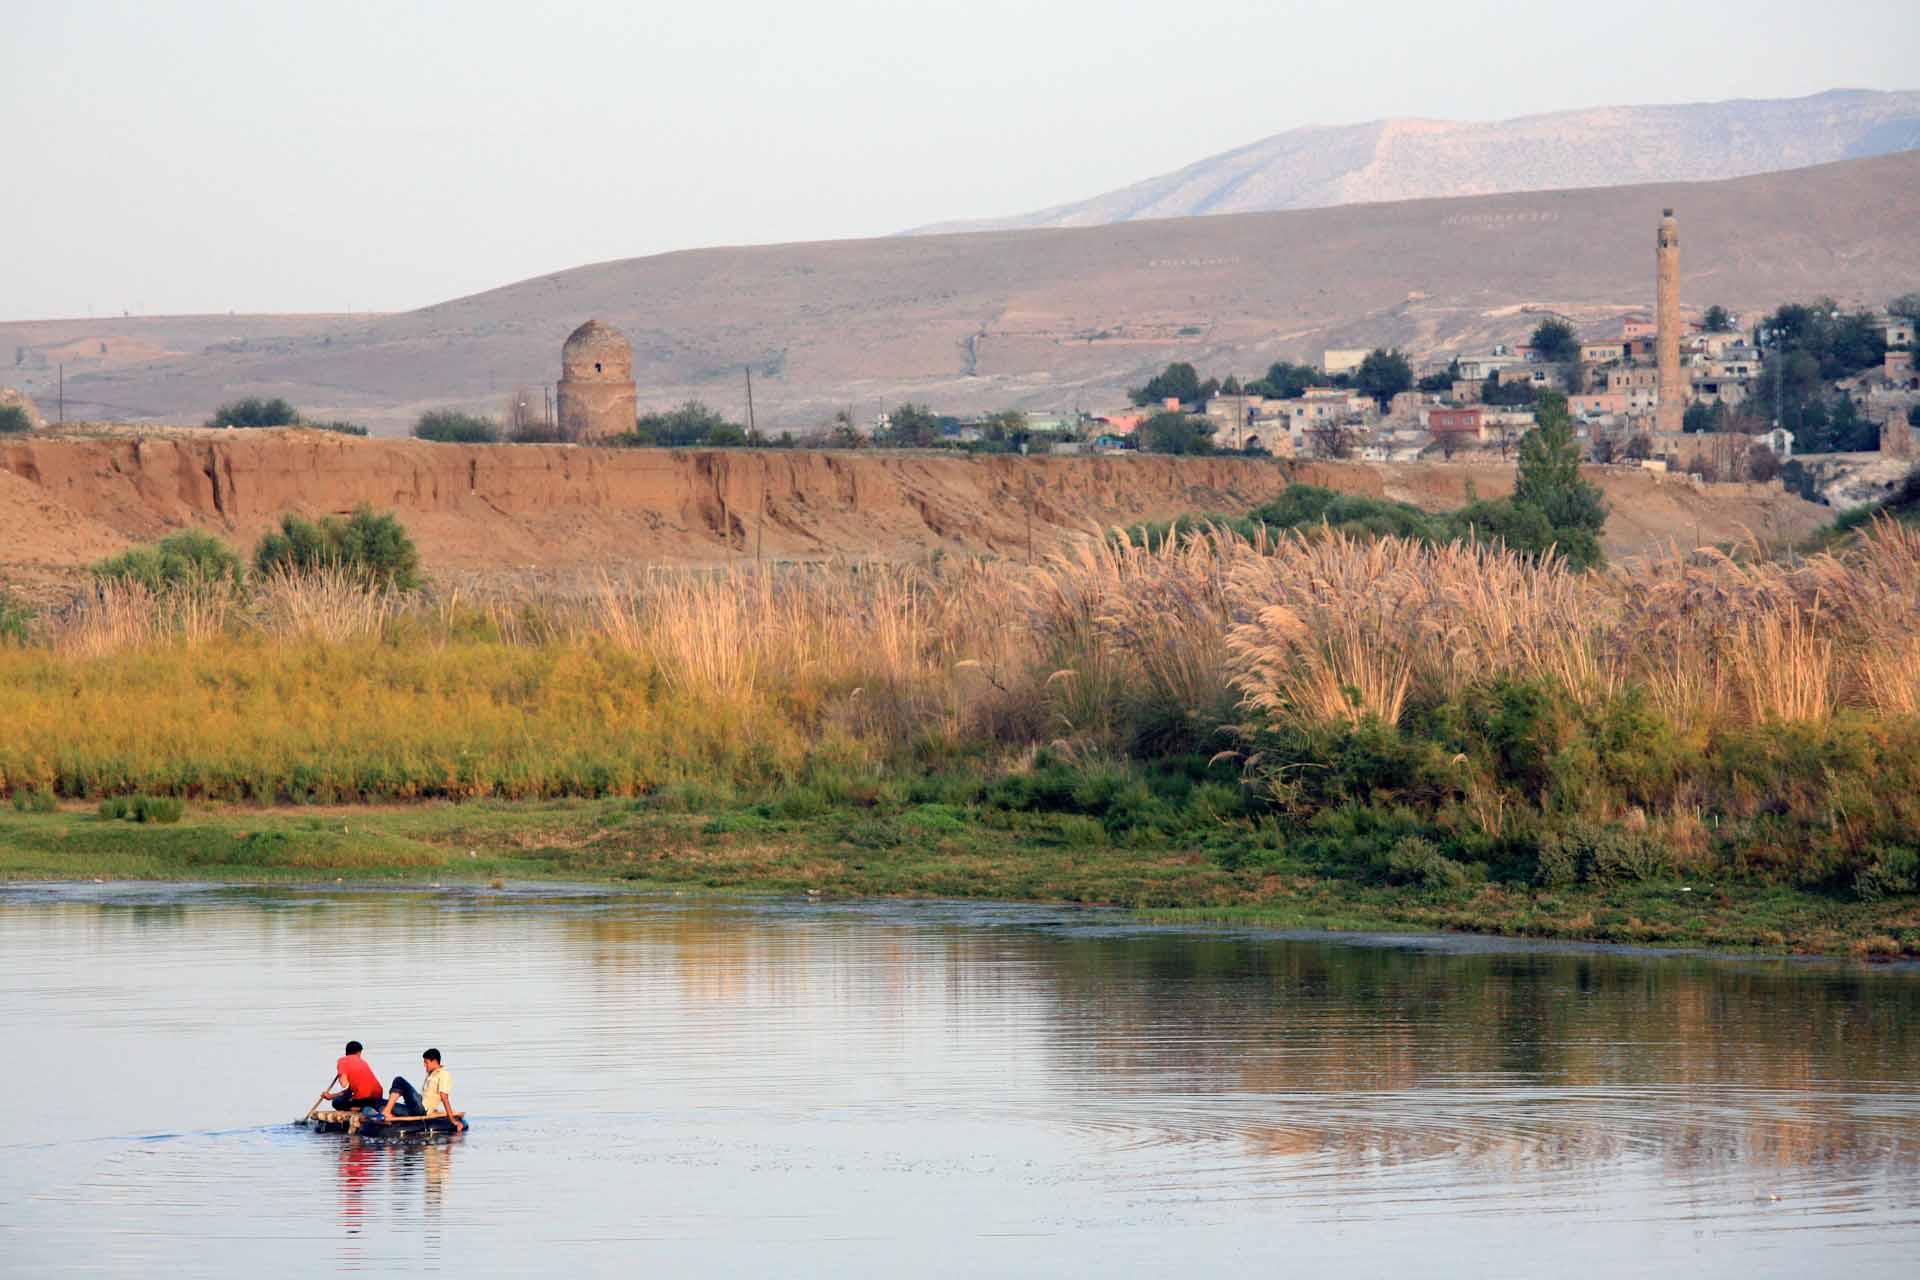 Fischen im Tigris (türkisch Dicle), trotz verschmutztem Flusswasser für viele arme Familien eine dringend notwendige Ergänzung ihrer Ernährung.